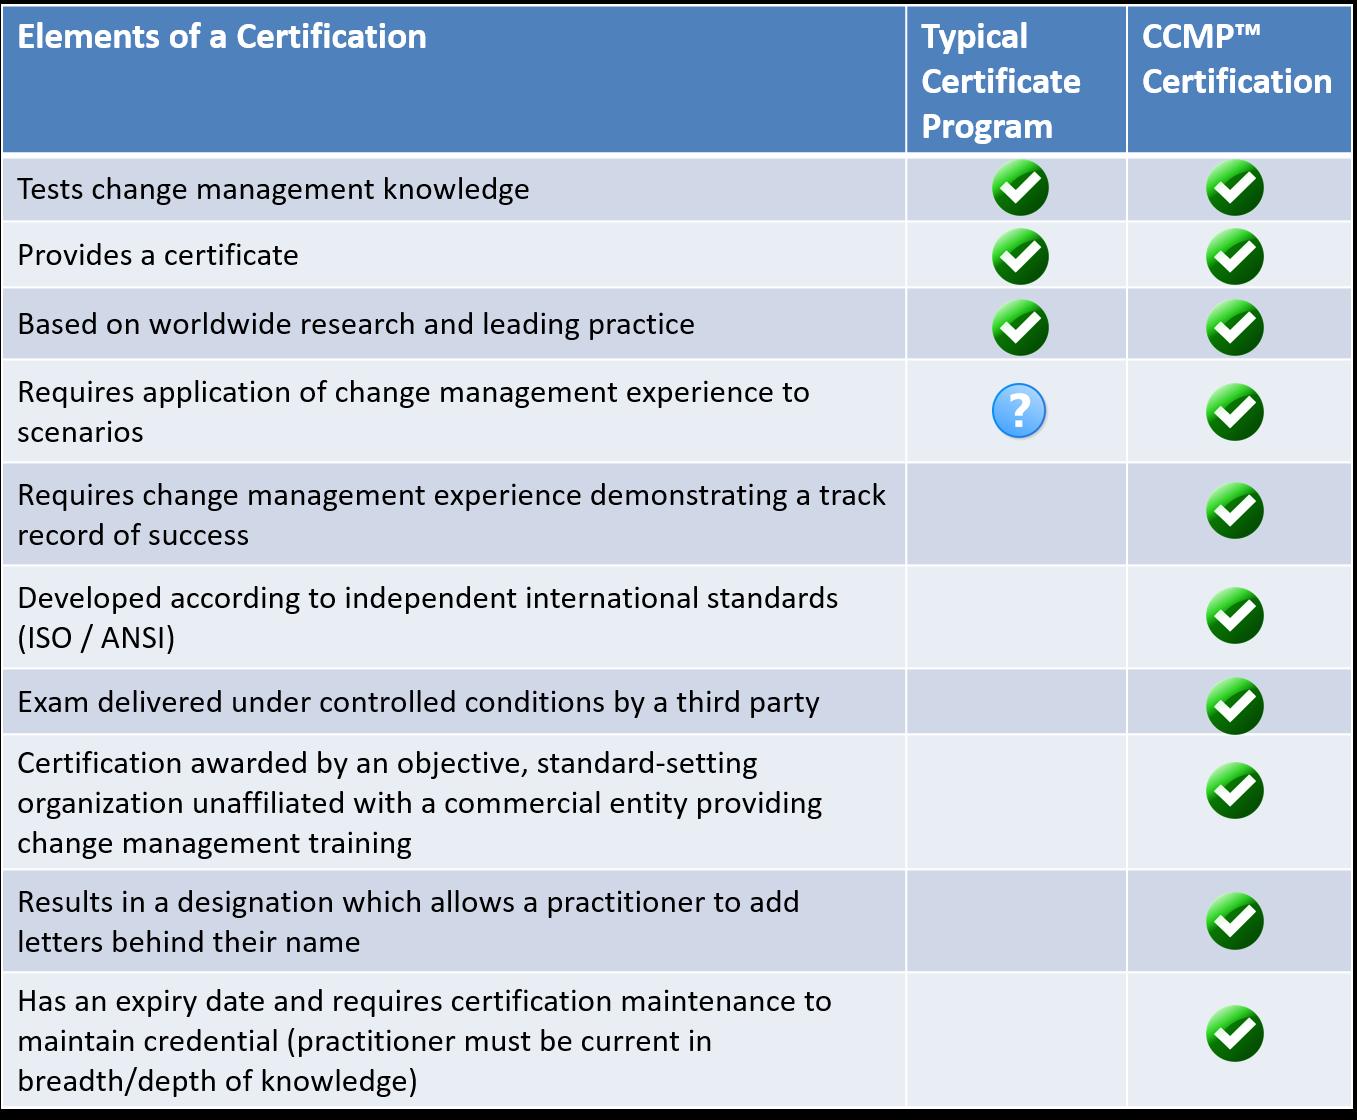 certificate comparison